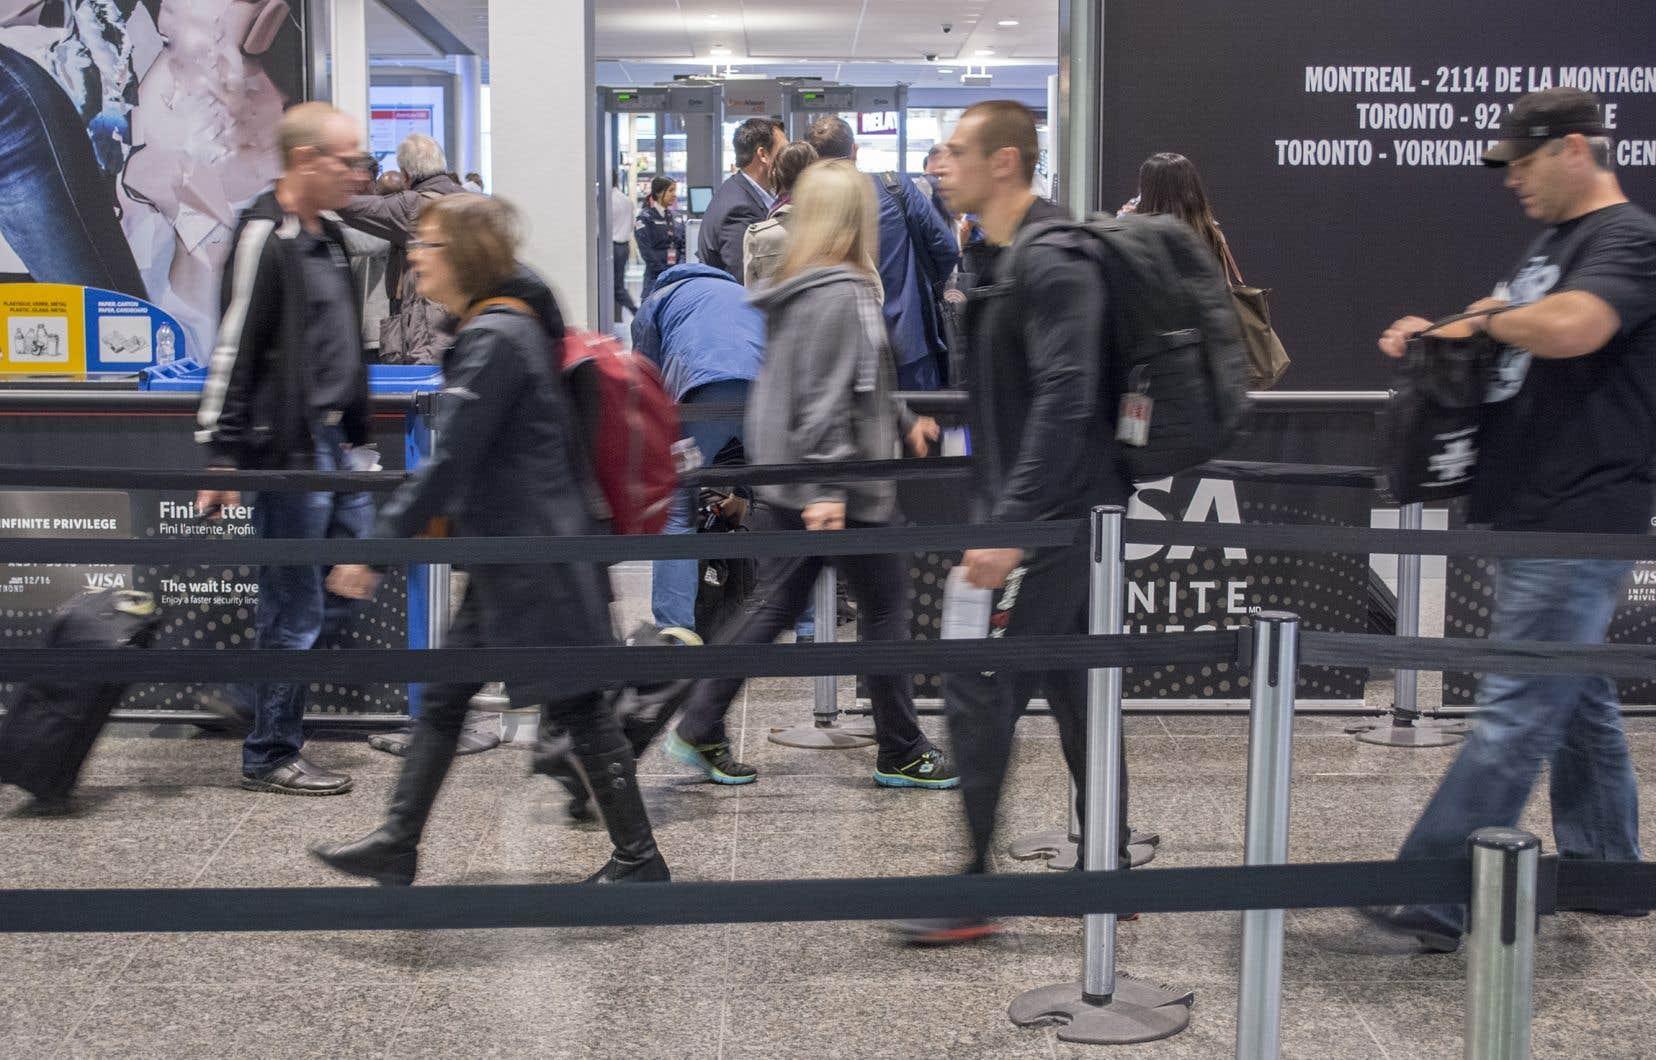 Les autorités québécoises tentent d'ailleurs actuellement de contacter 61 personnes — dont 32 Québécois — ayant eu un contact avec une passagère d'Air Canada, infectée par le COVID-19.